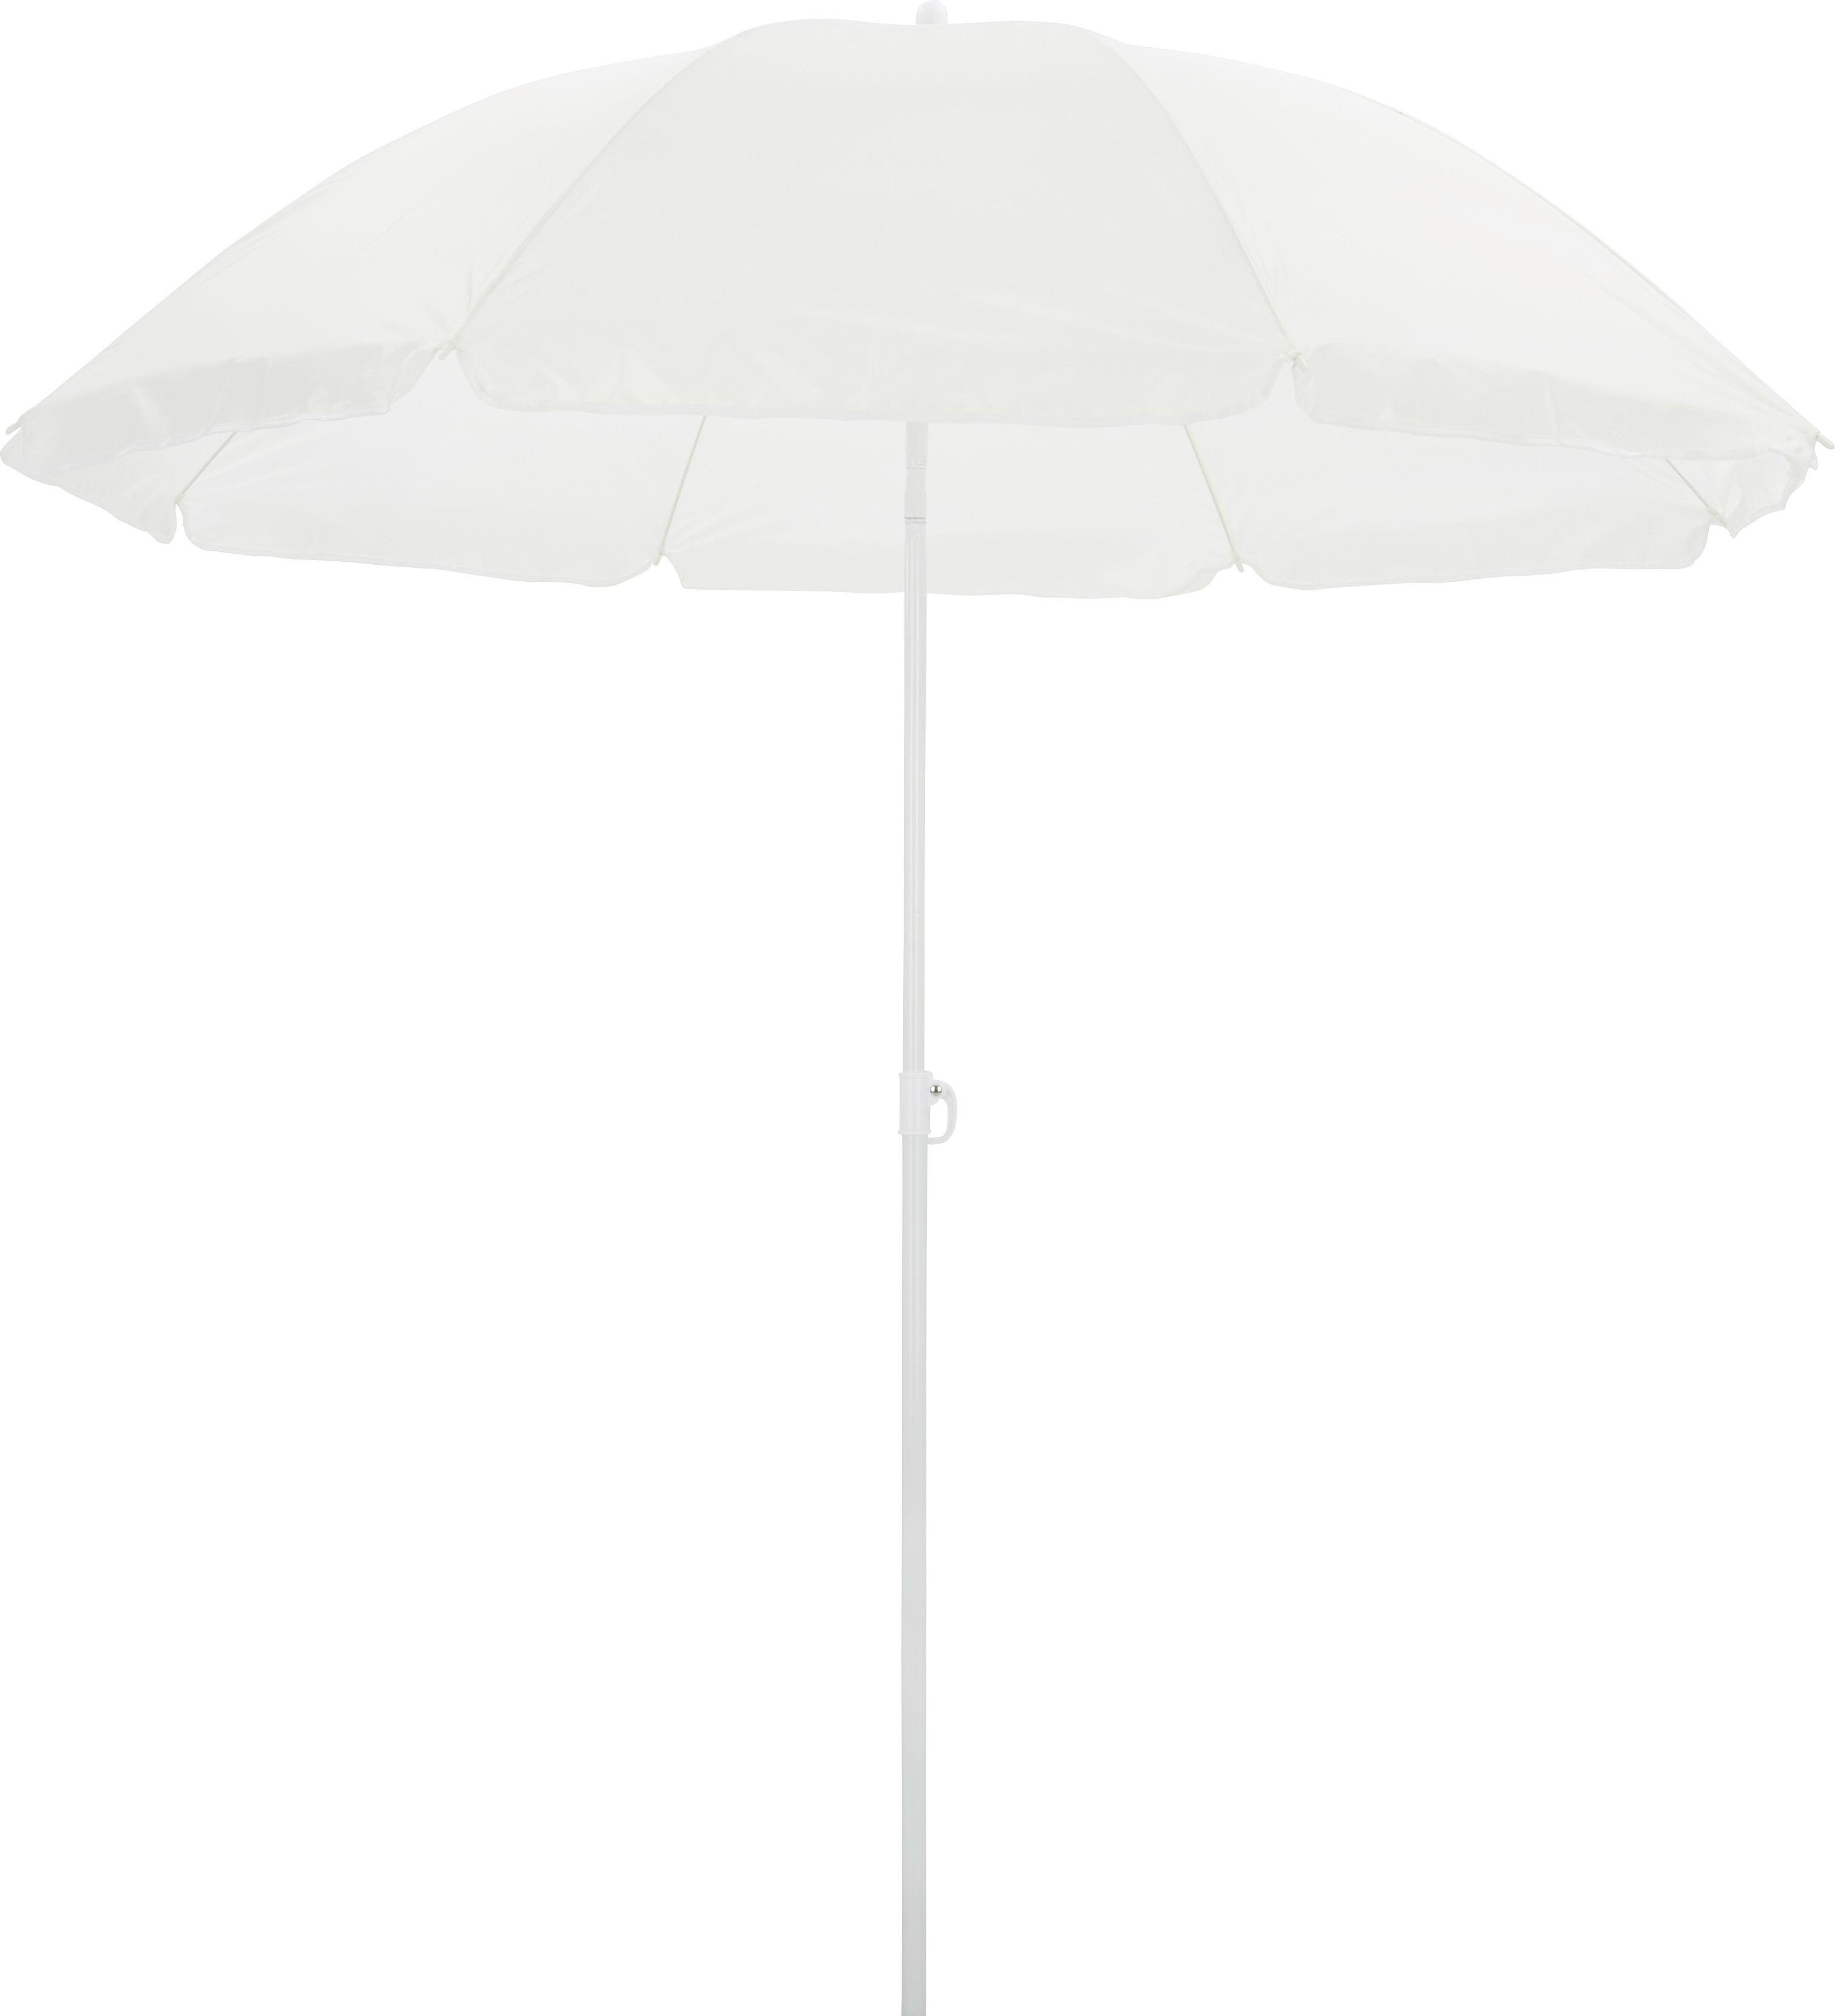 Sonnenschirm Lecci in Weiß - Weiß, Kunststoff/Metall (180/190cm) - MÖMAX modern living